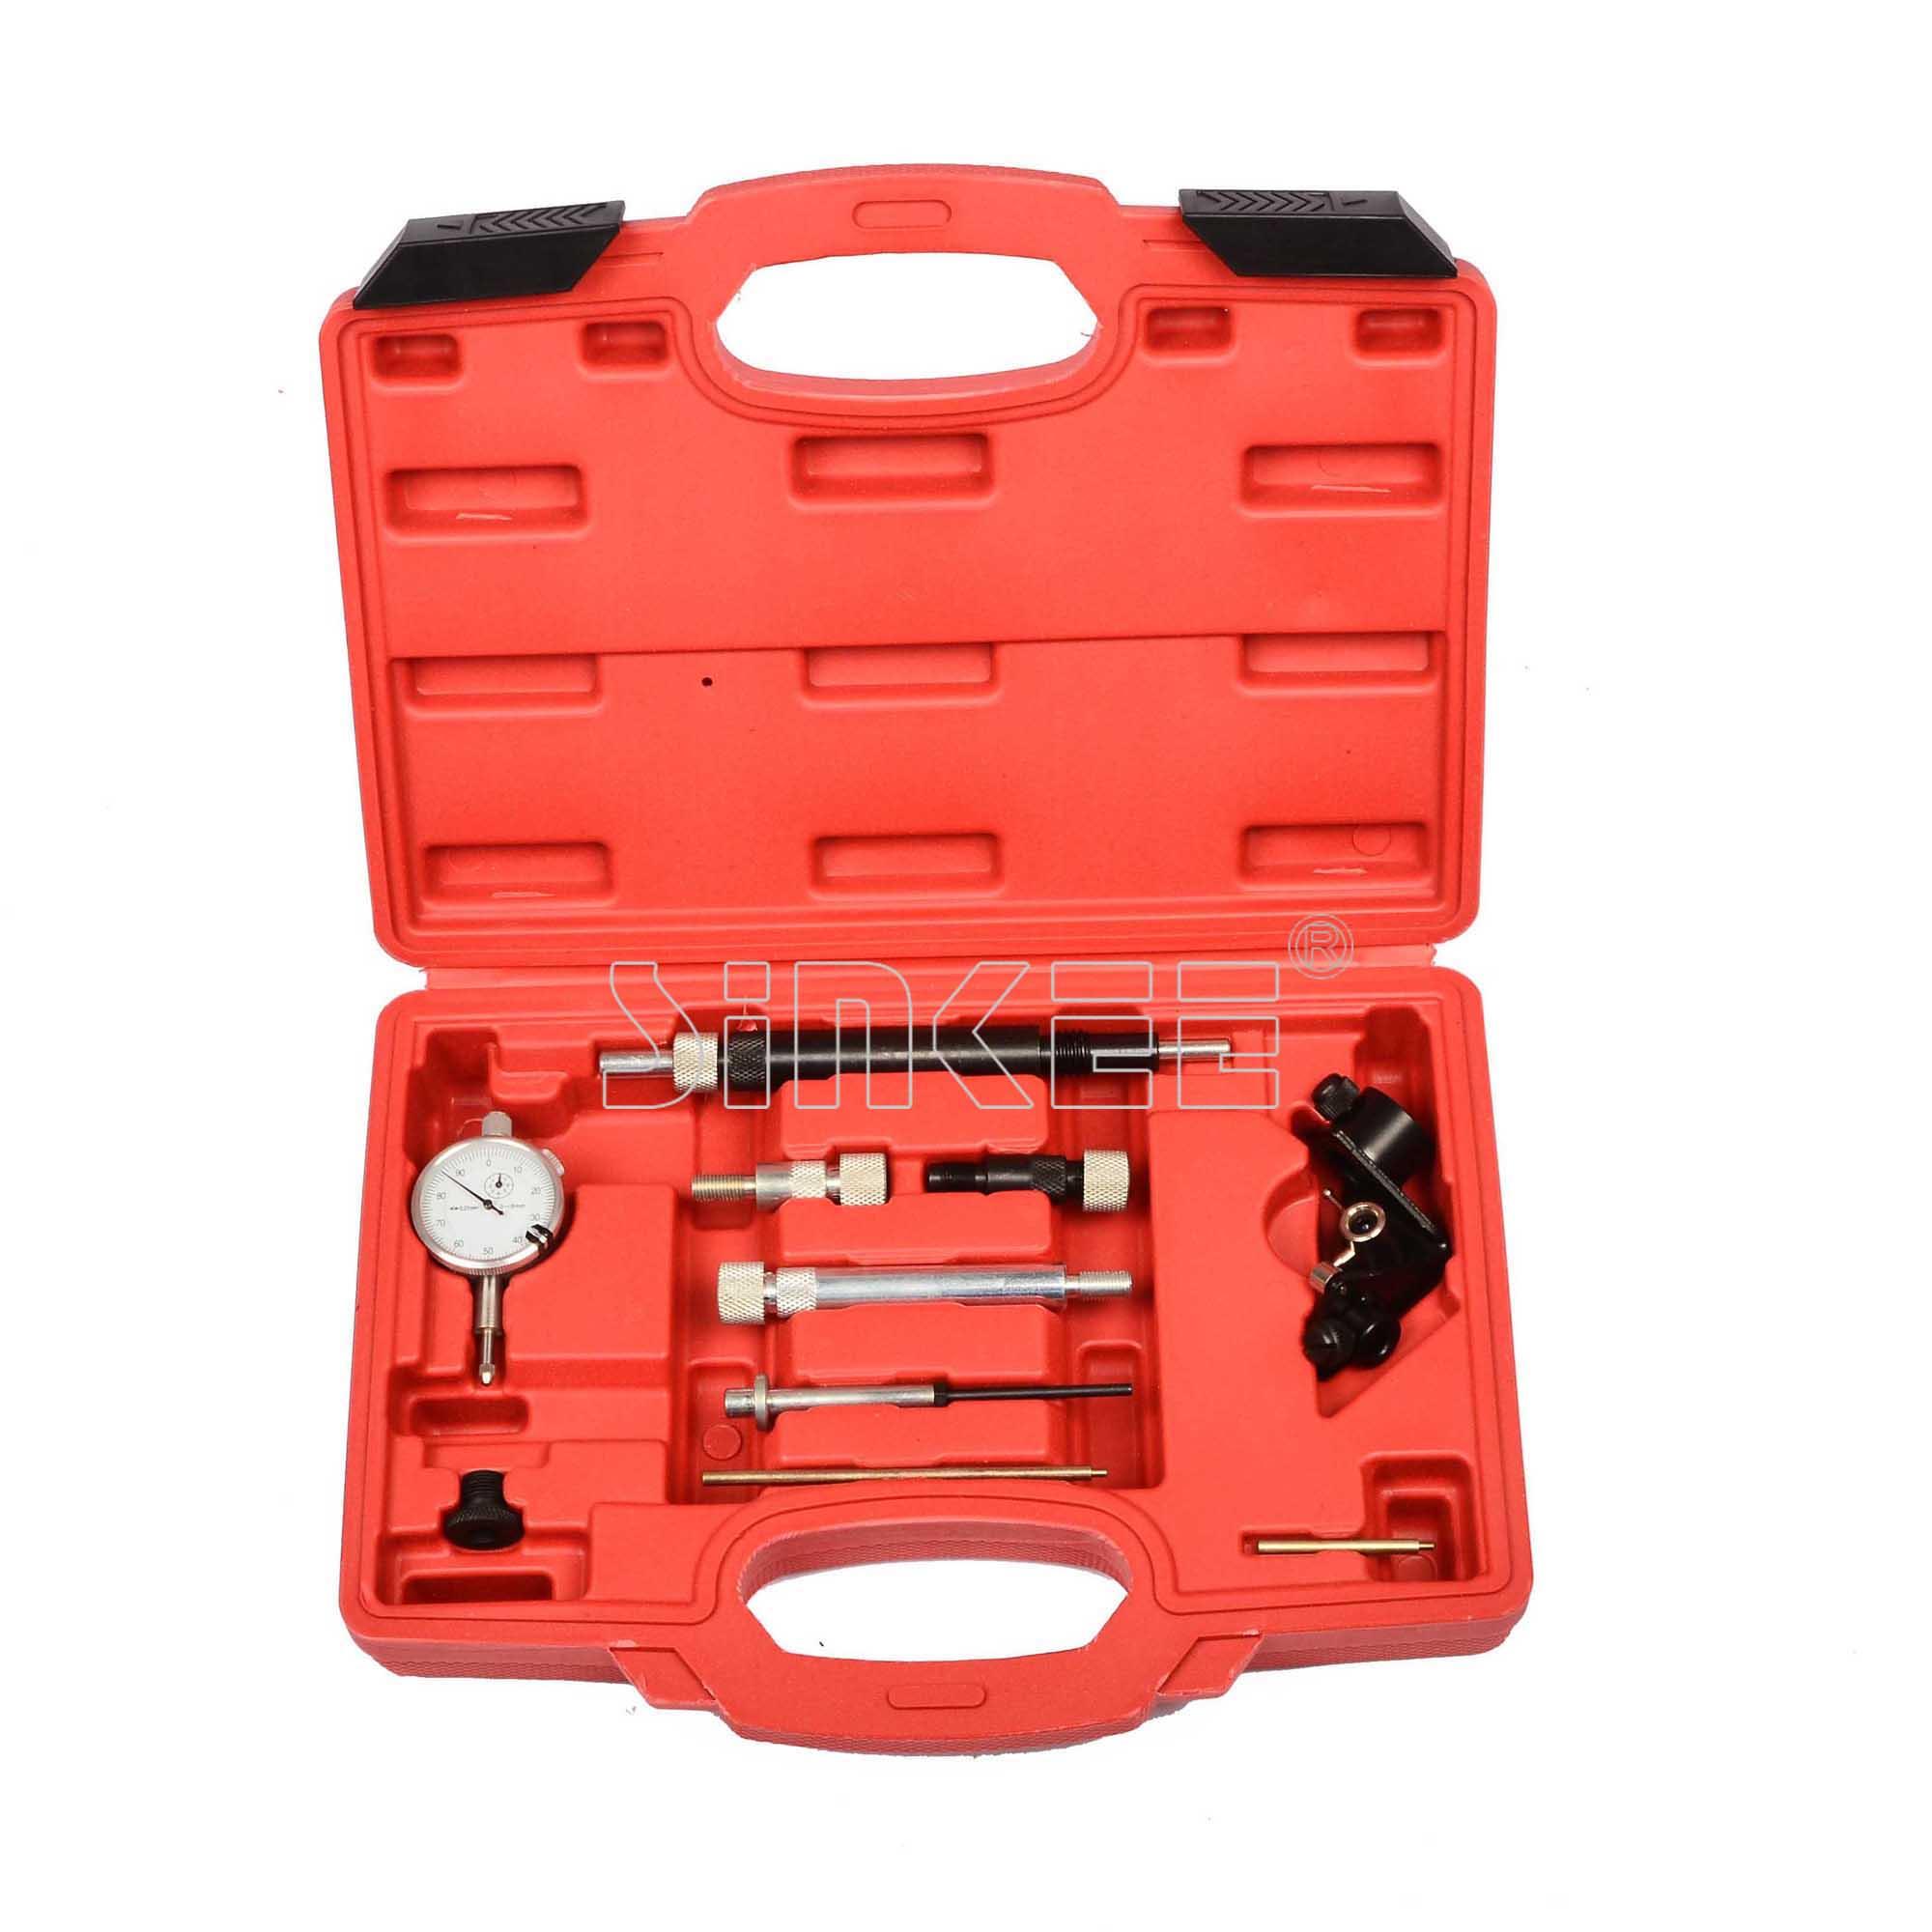 Инструмент для дизельного топлива показатель ТНВД комплект ГРМ для VW BMW и Audi Бош Форд дизельный профессиональный инструмент SK1192